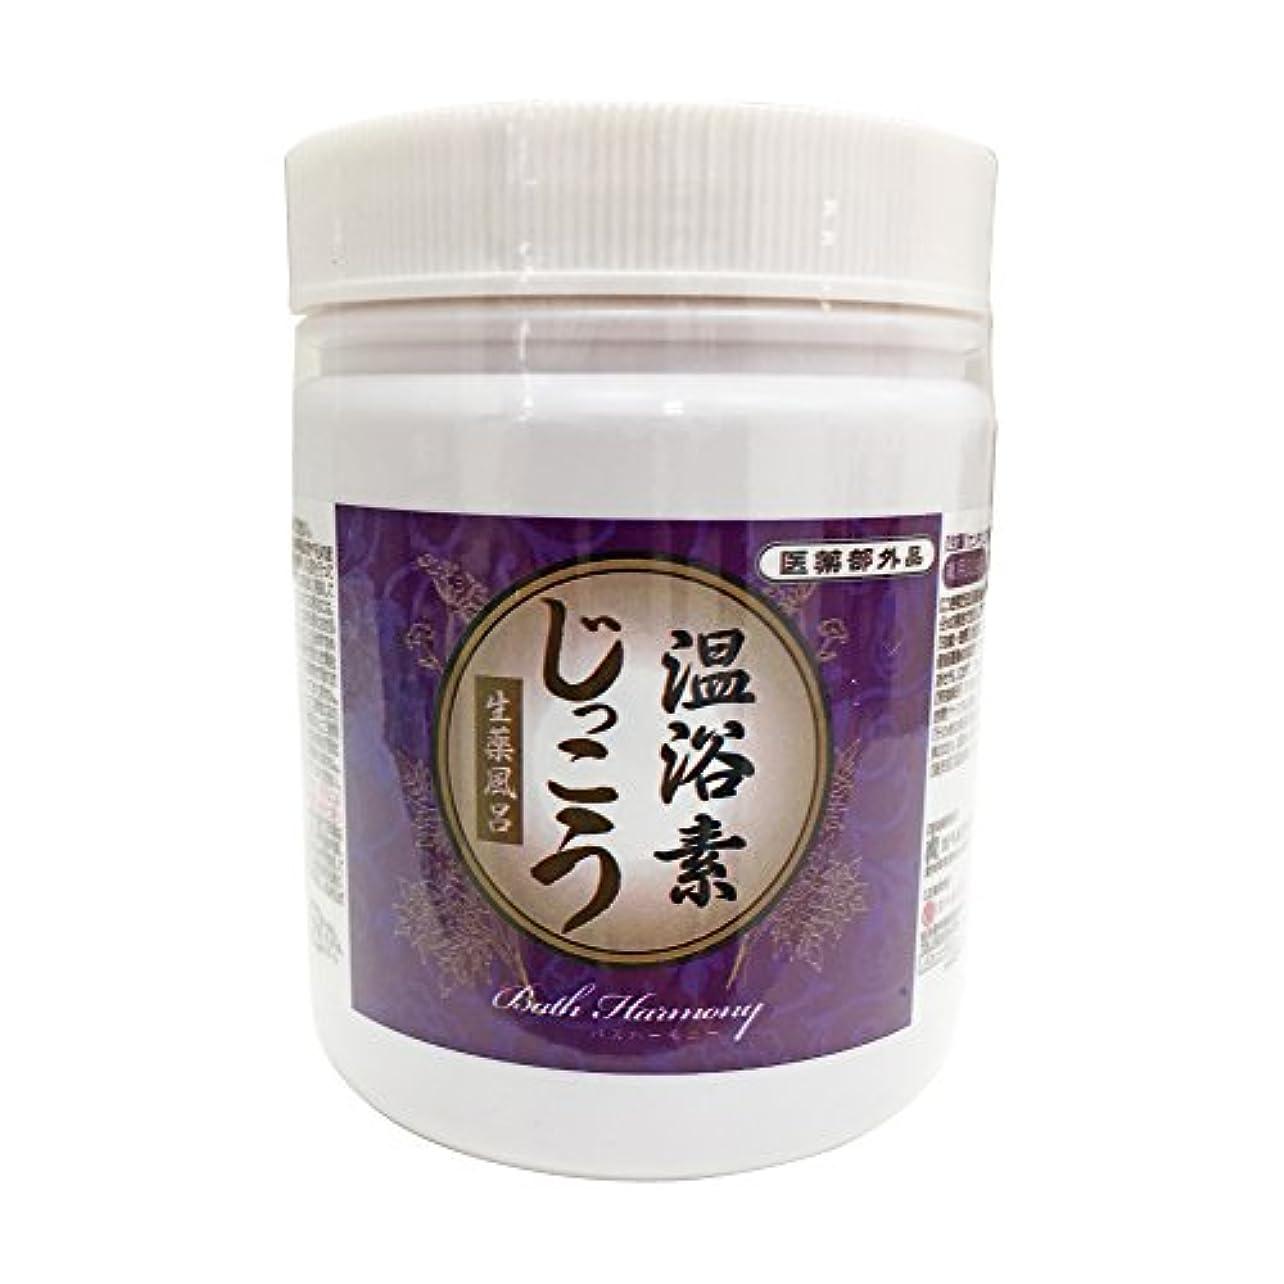 金属ゴミキャビン温浴素 じっこう 500g 約25回分 粉末 生薬 薬湯 医薬部外品 ロングセラー 天然生薬 の 香り